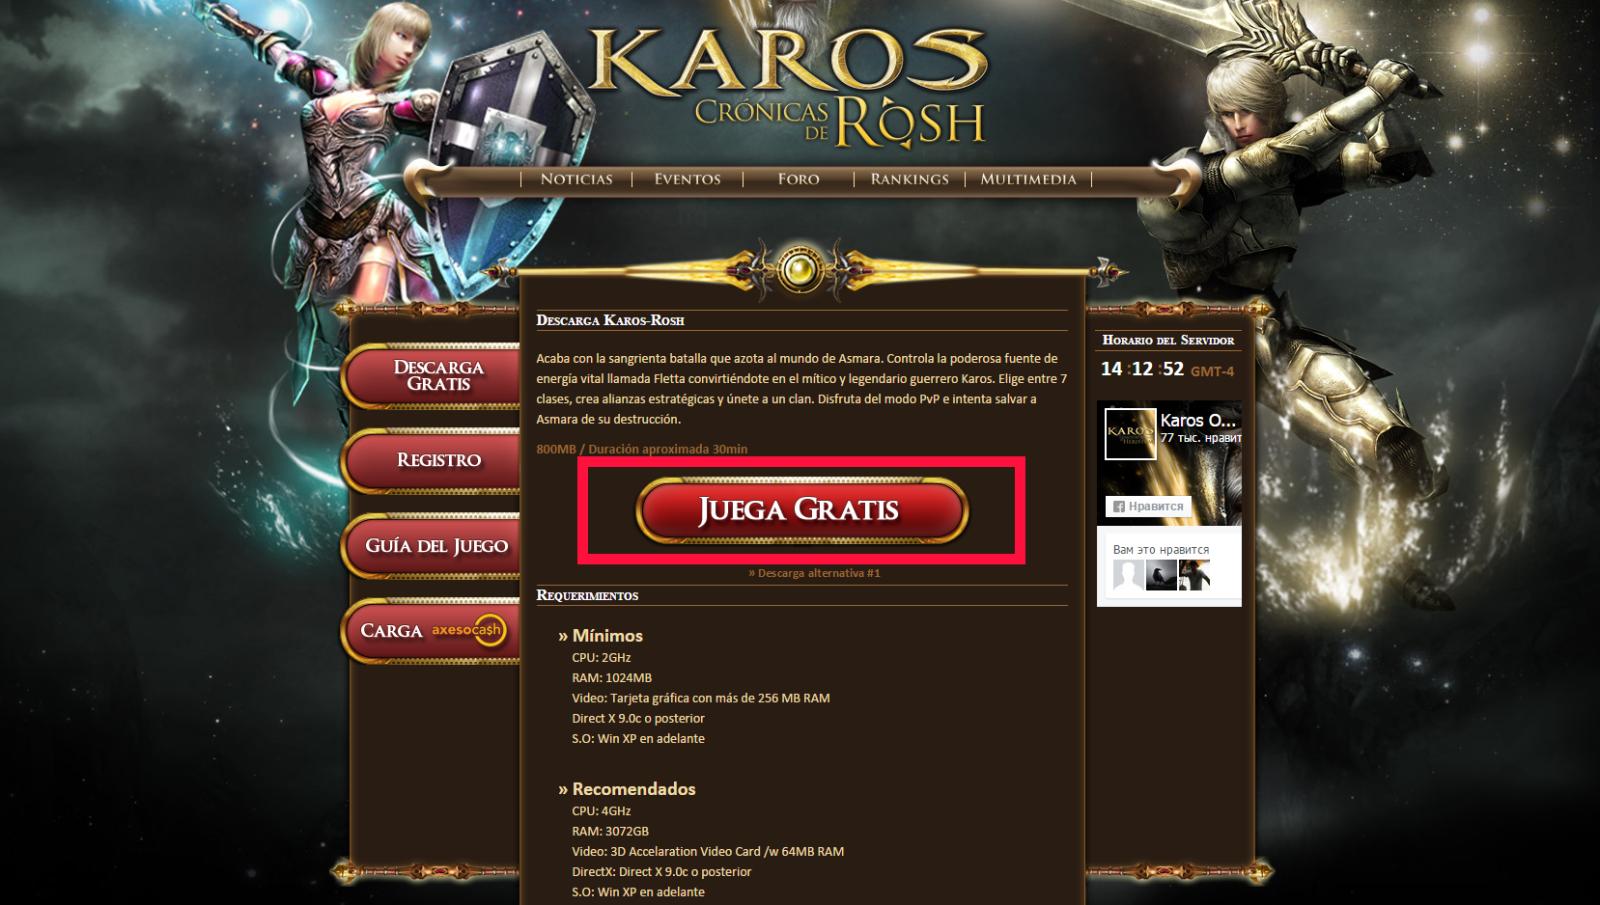 Бесплатный vpn для игры в латинский карос!!! / карос: rosh.